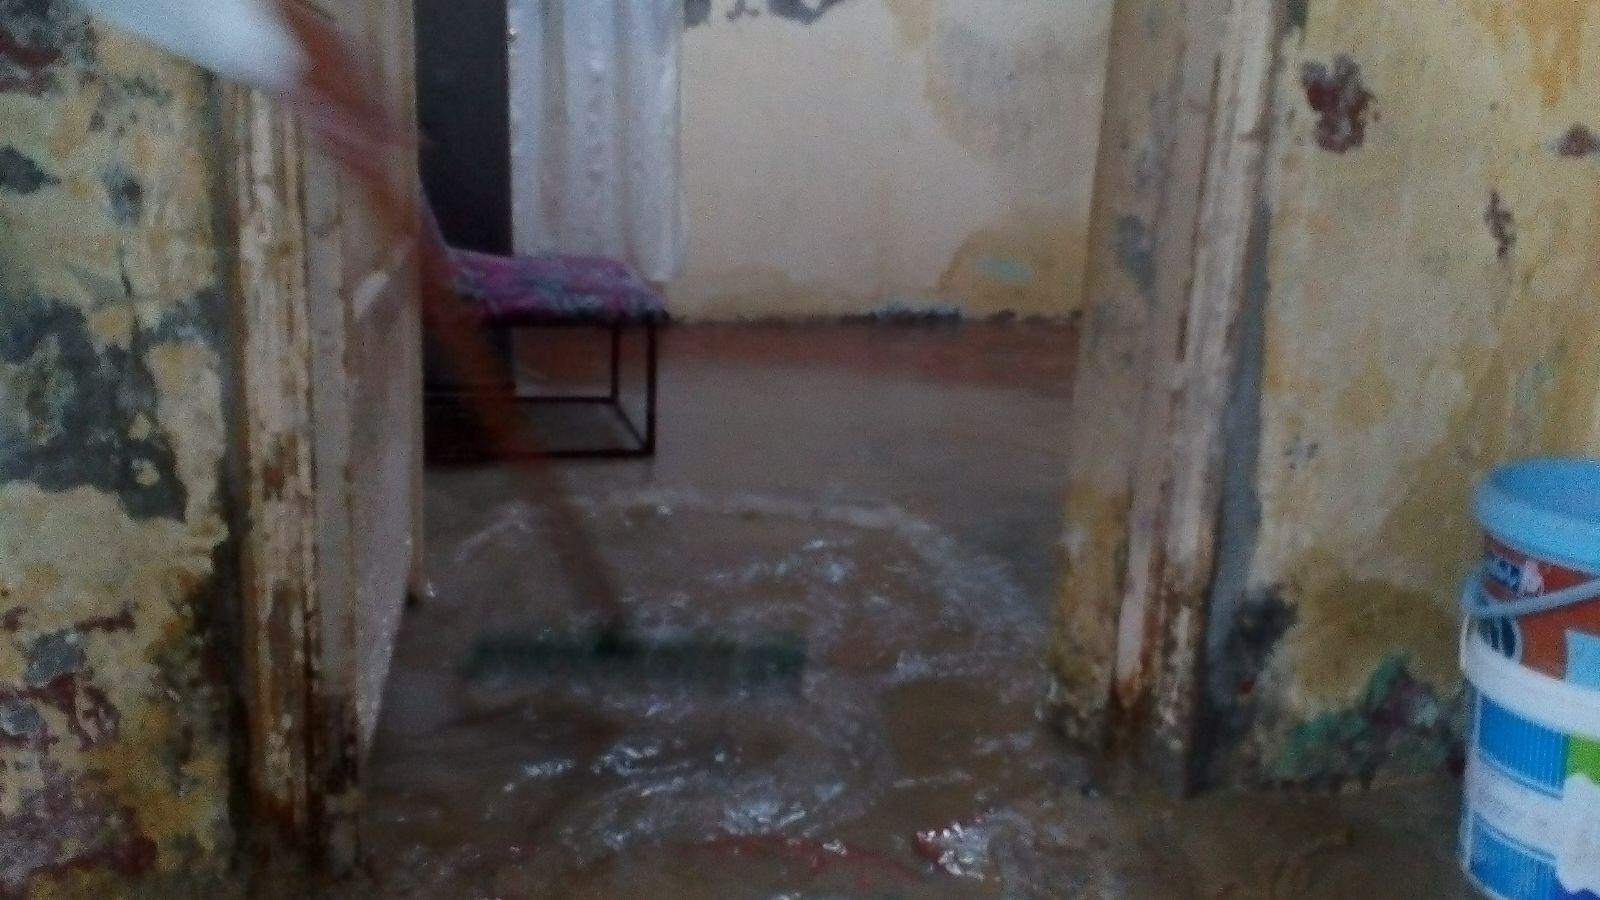 المياه تهدد بانهيار منزل في المطرية